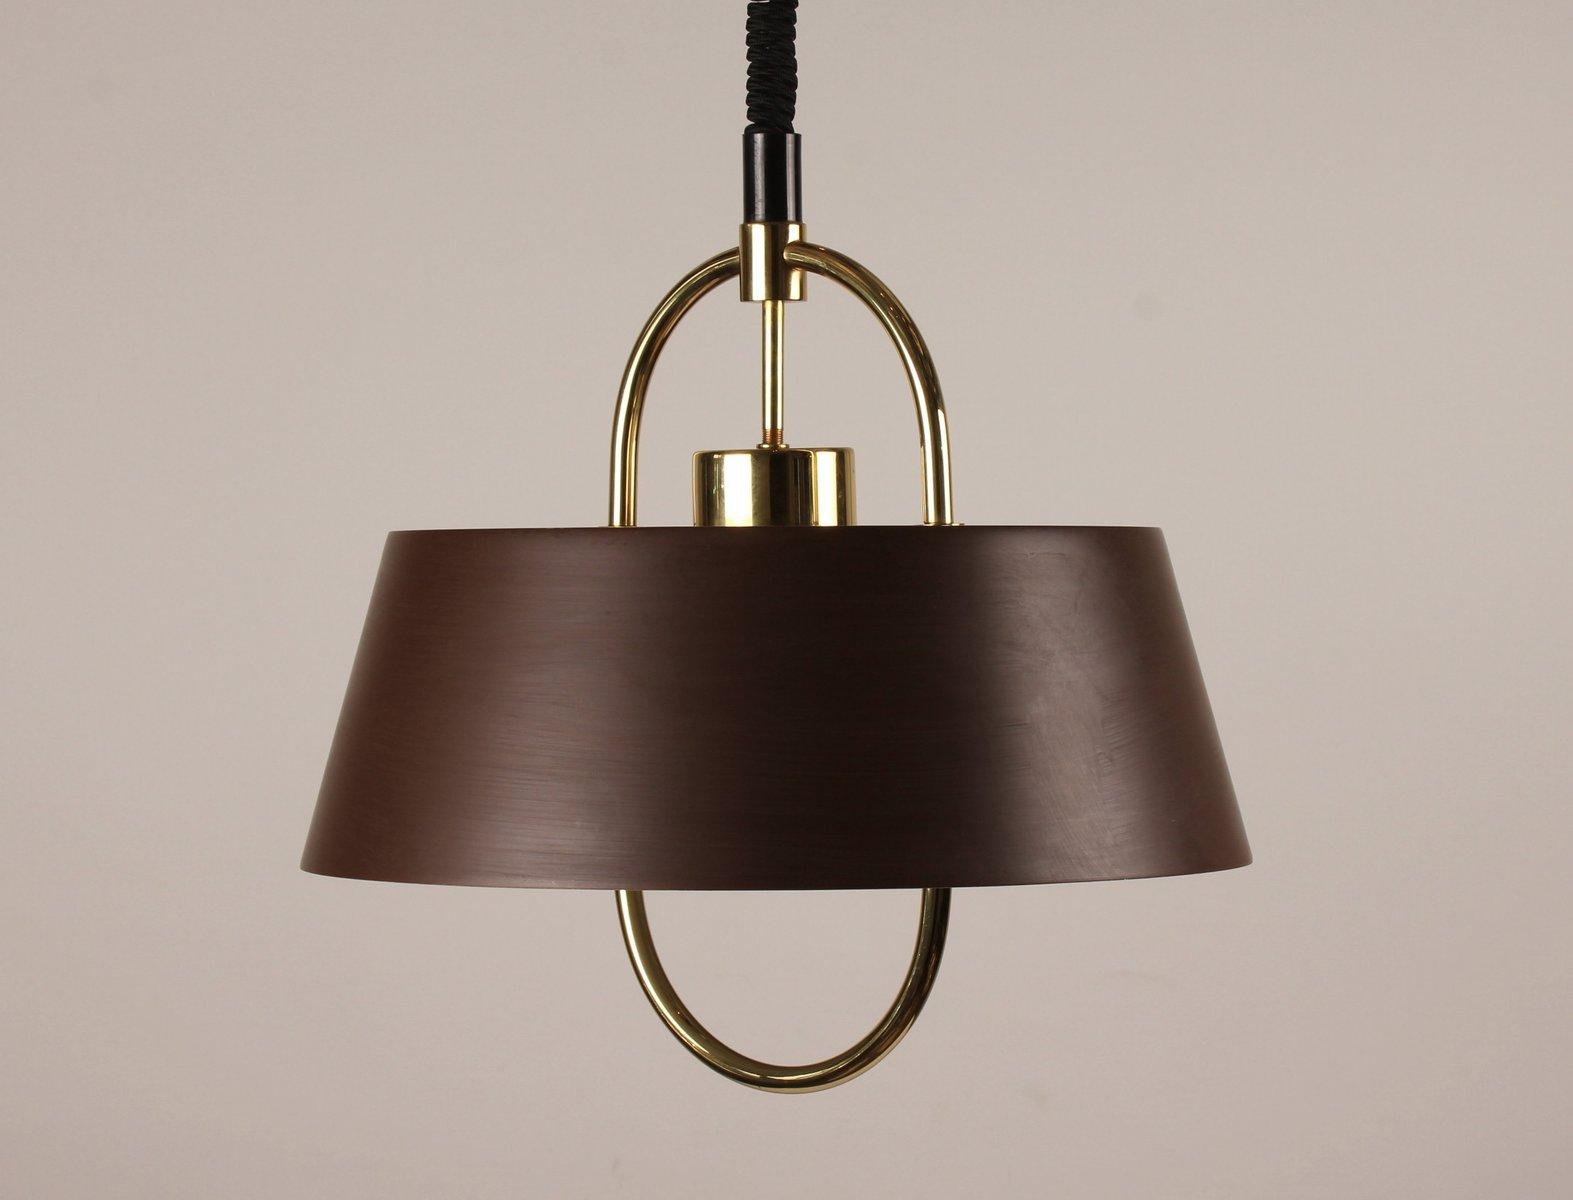 d nische hercules lampe von jo hammerborg f r fog m rup 1970er bei pamono kaufen. Black Bedroom Furniture Sets. Home Design Ideas